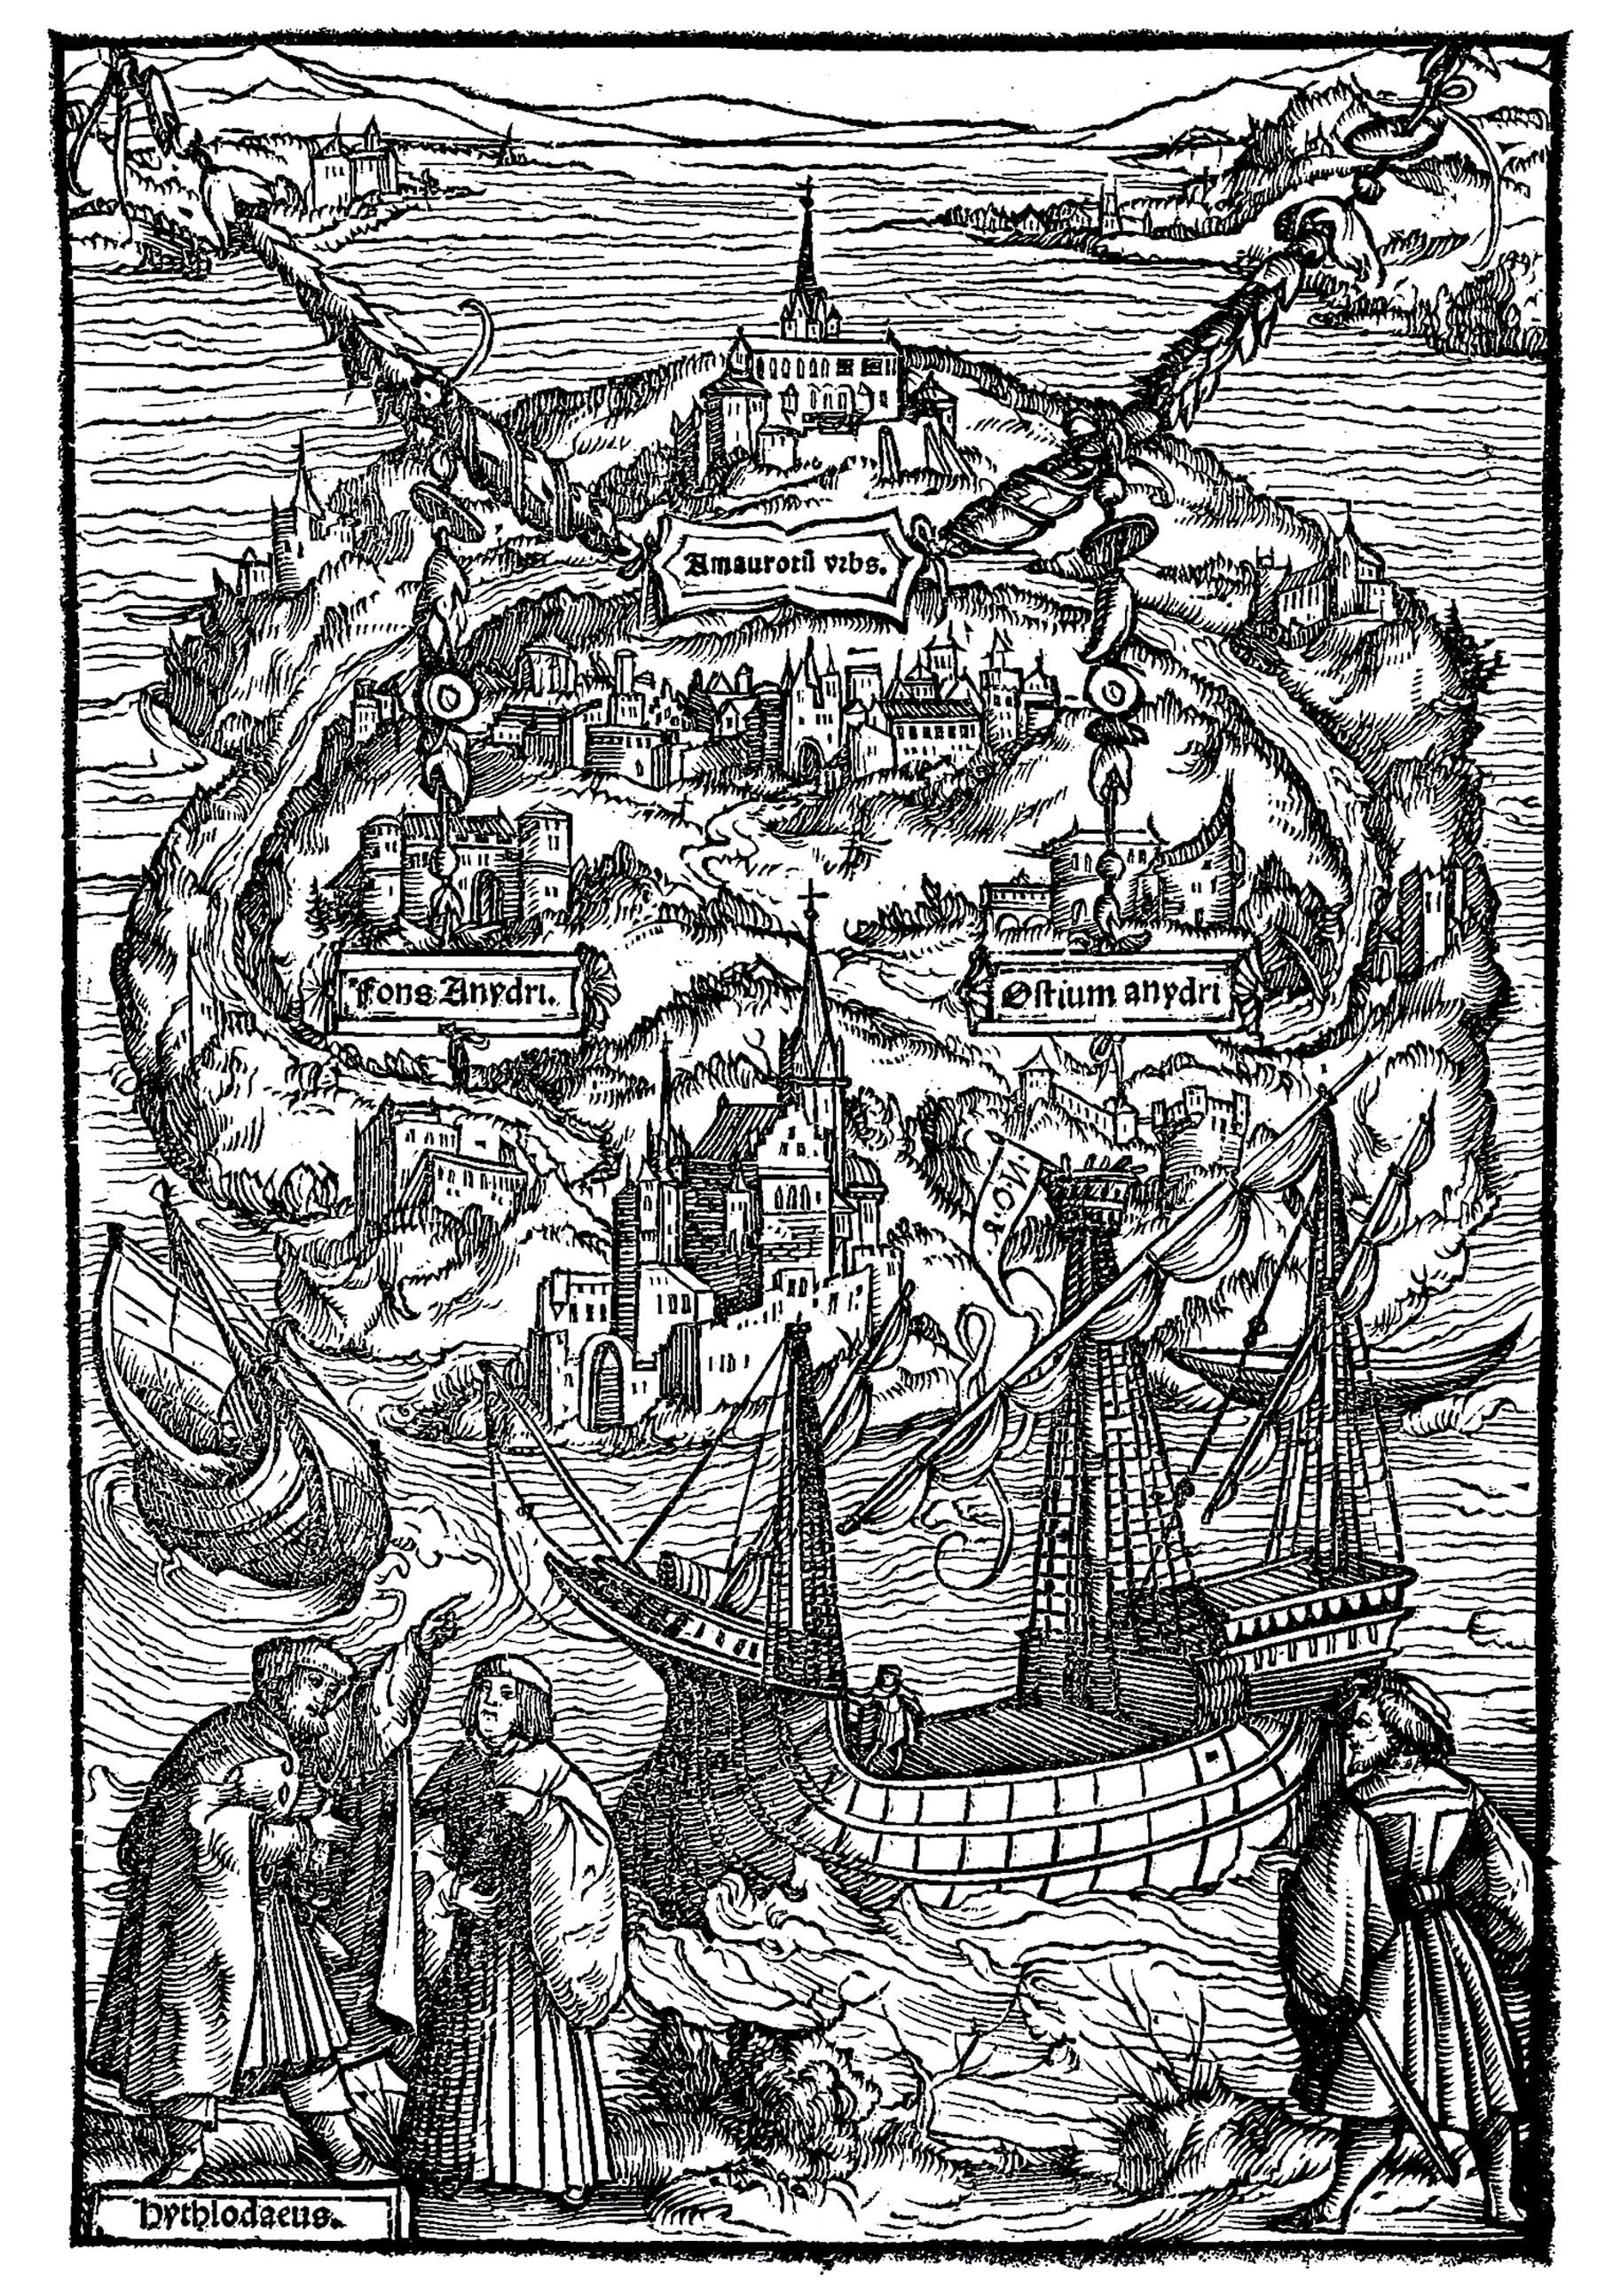 Gravure de Ambrosius Holbein pour une édition de 1518 du livre Utopia de Thomas More. Le coin en bas à gauche montre le voyageur Raphael Hythlodée décrivant l'île.